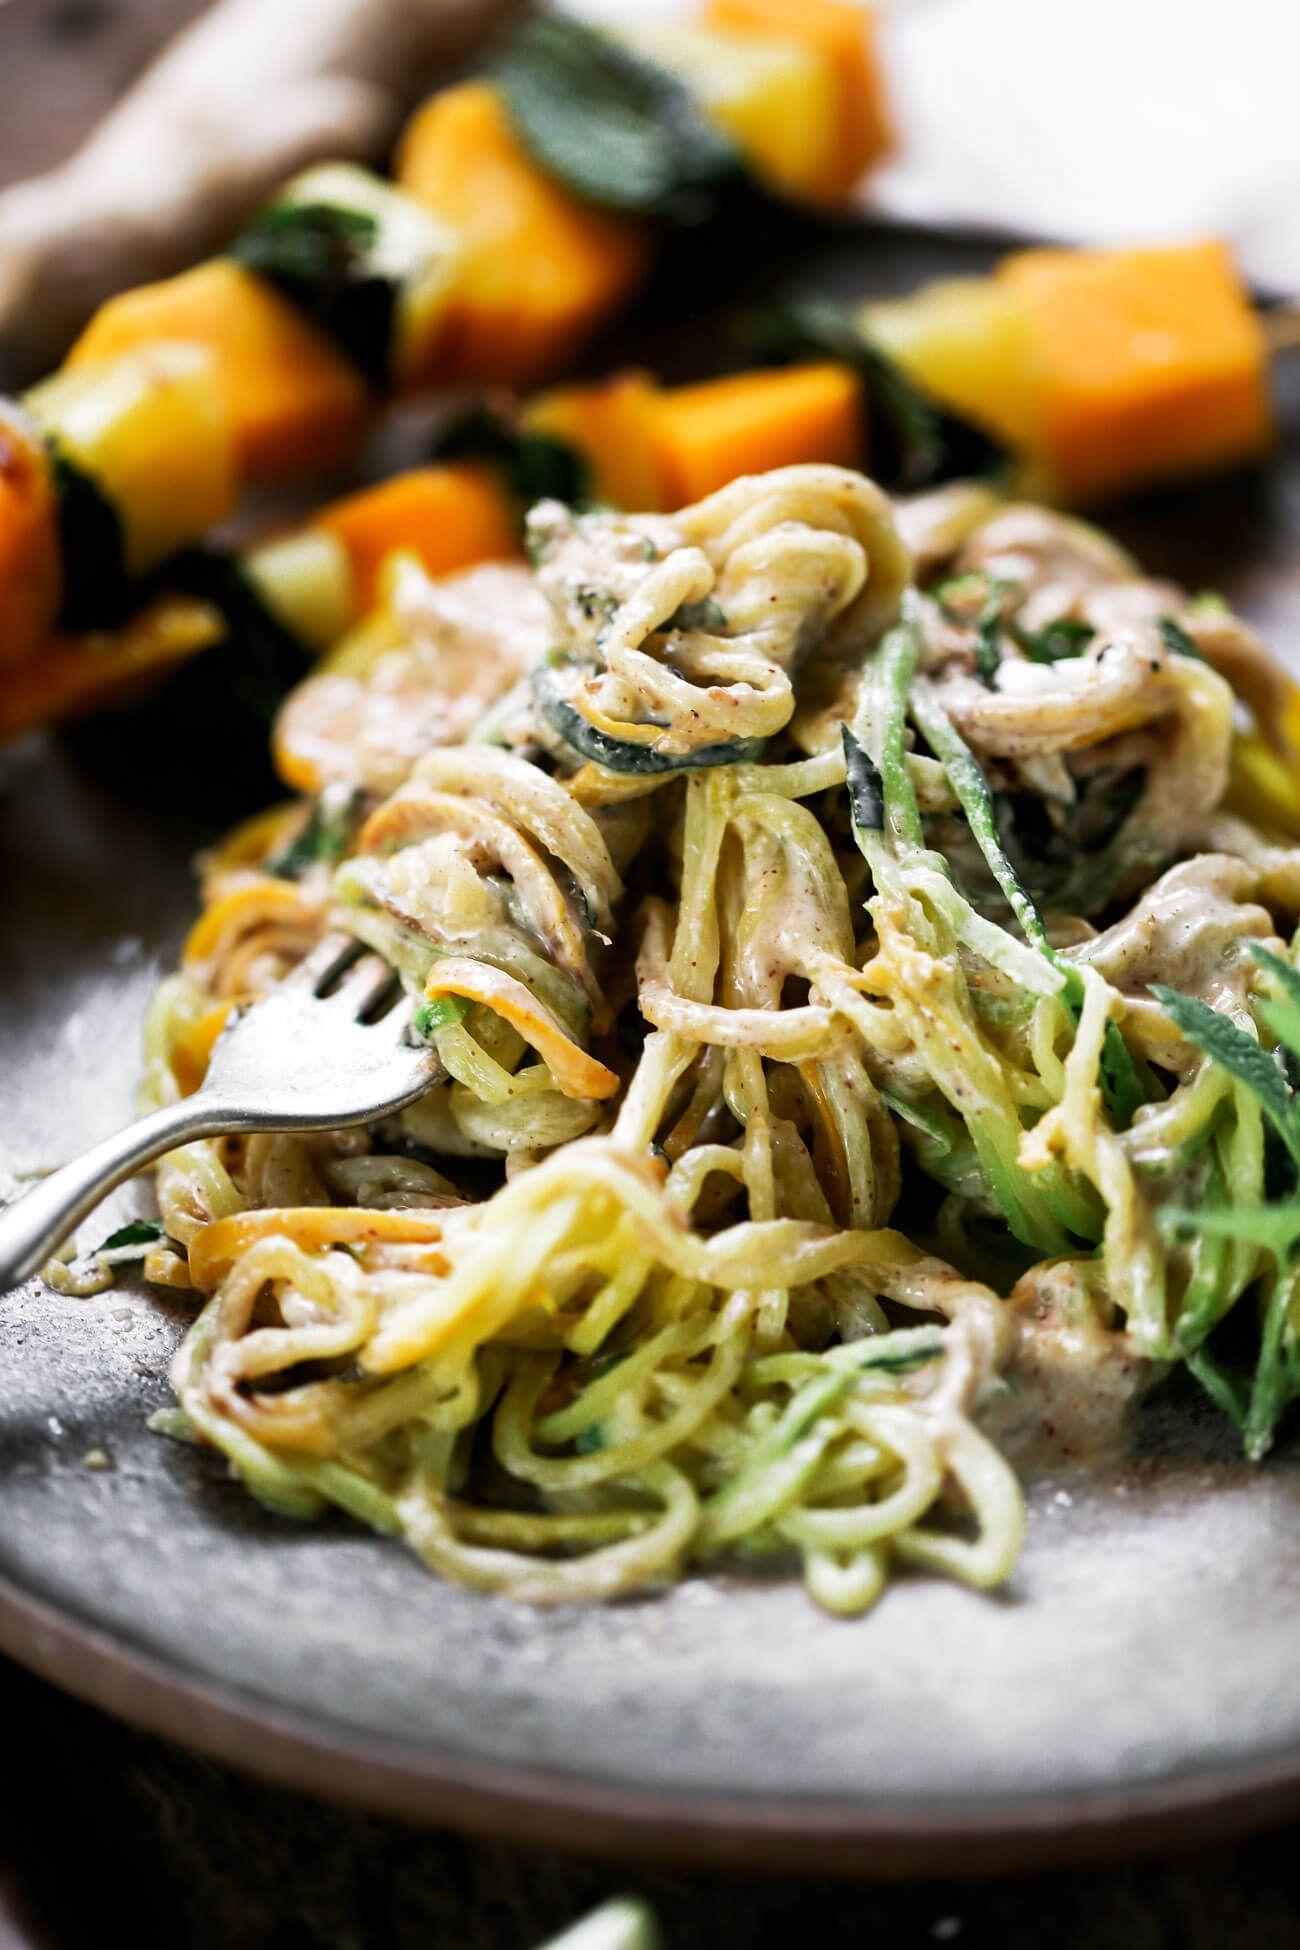 Zucchini noodles recipe whole30